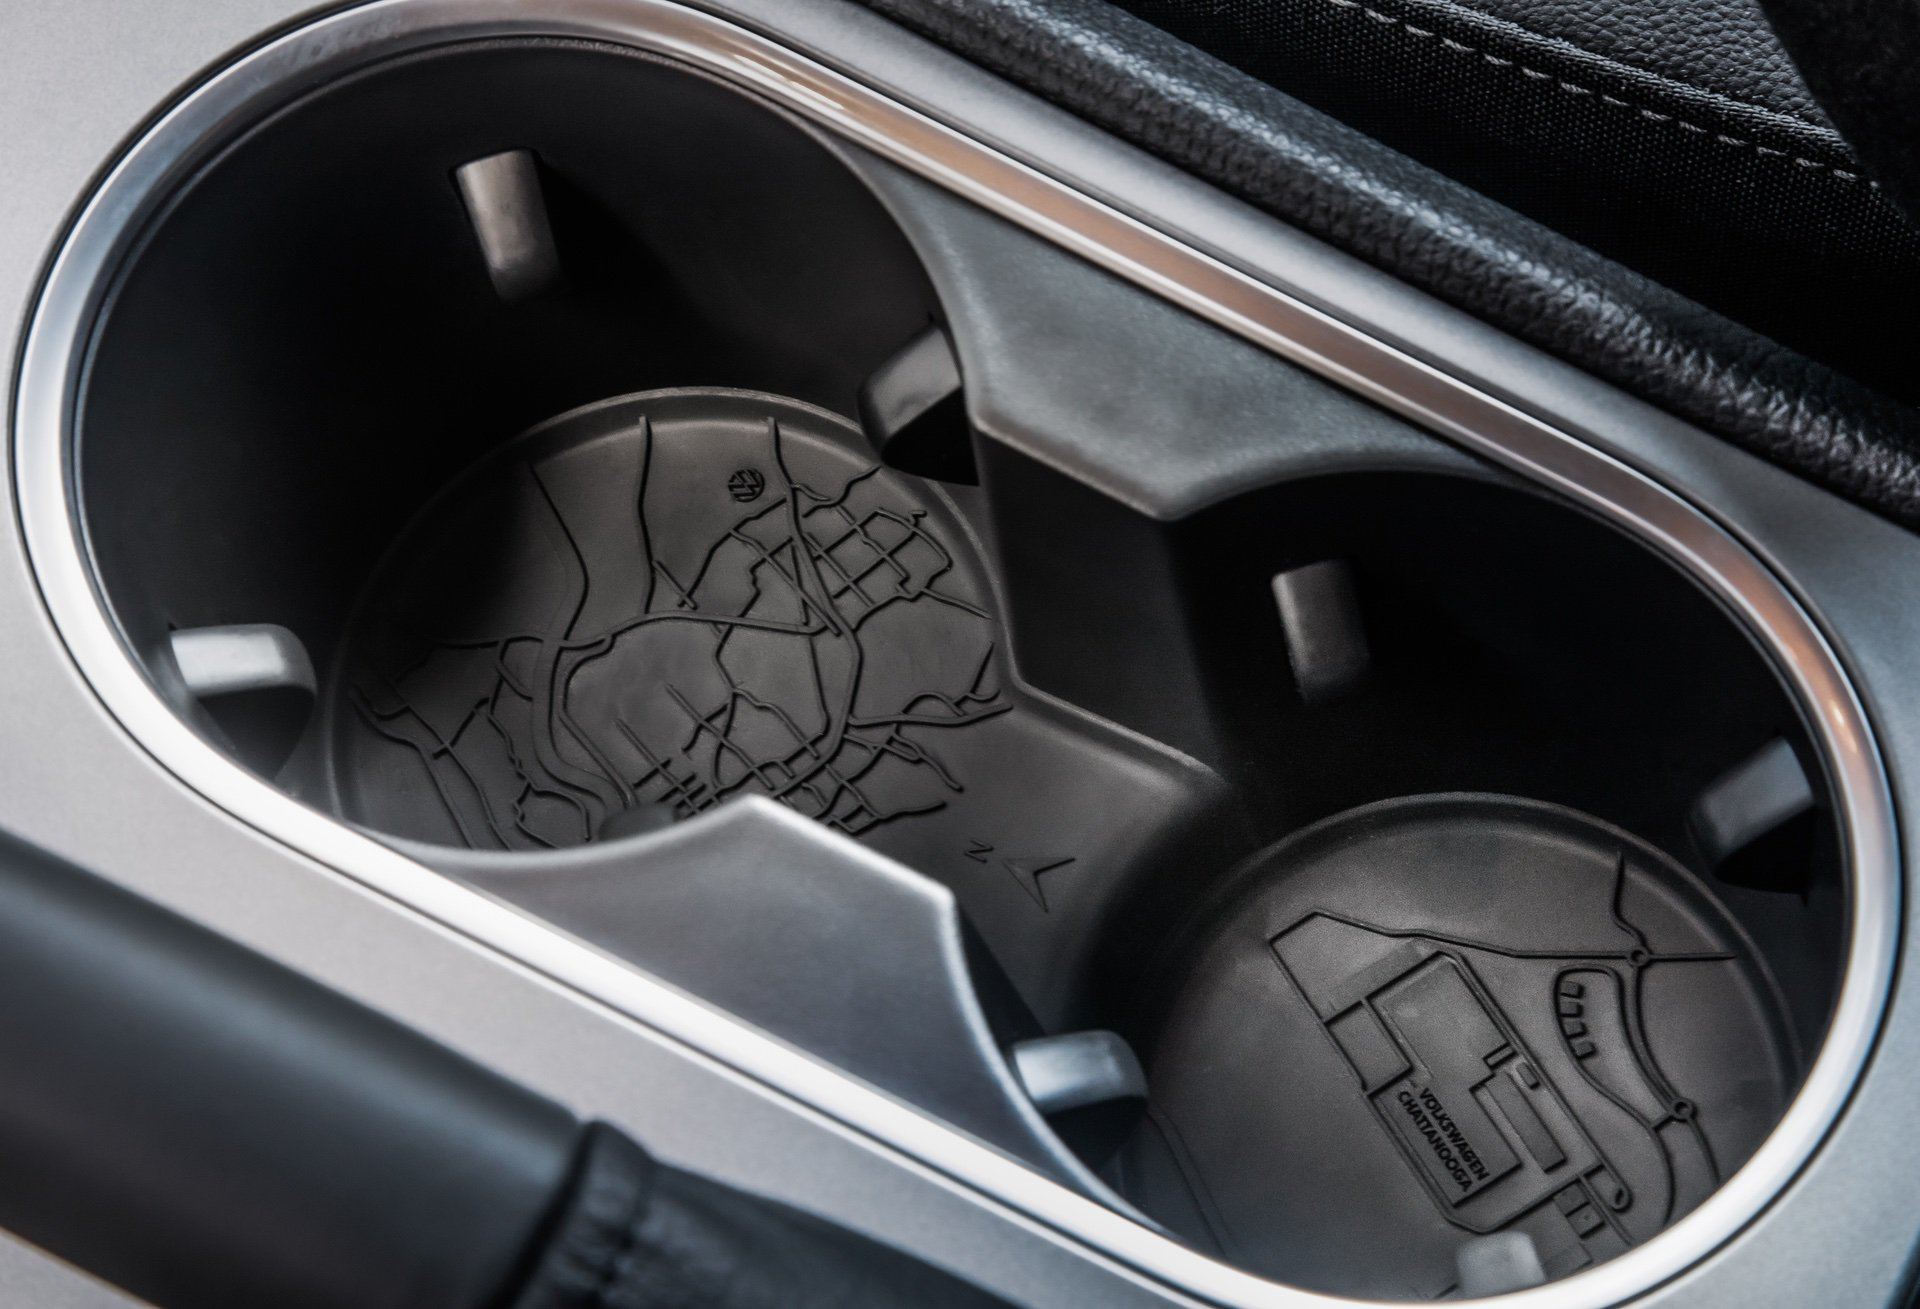 VW_Passat_Limited_Edition_US_spec-0020